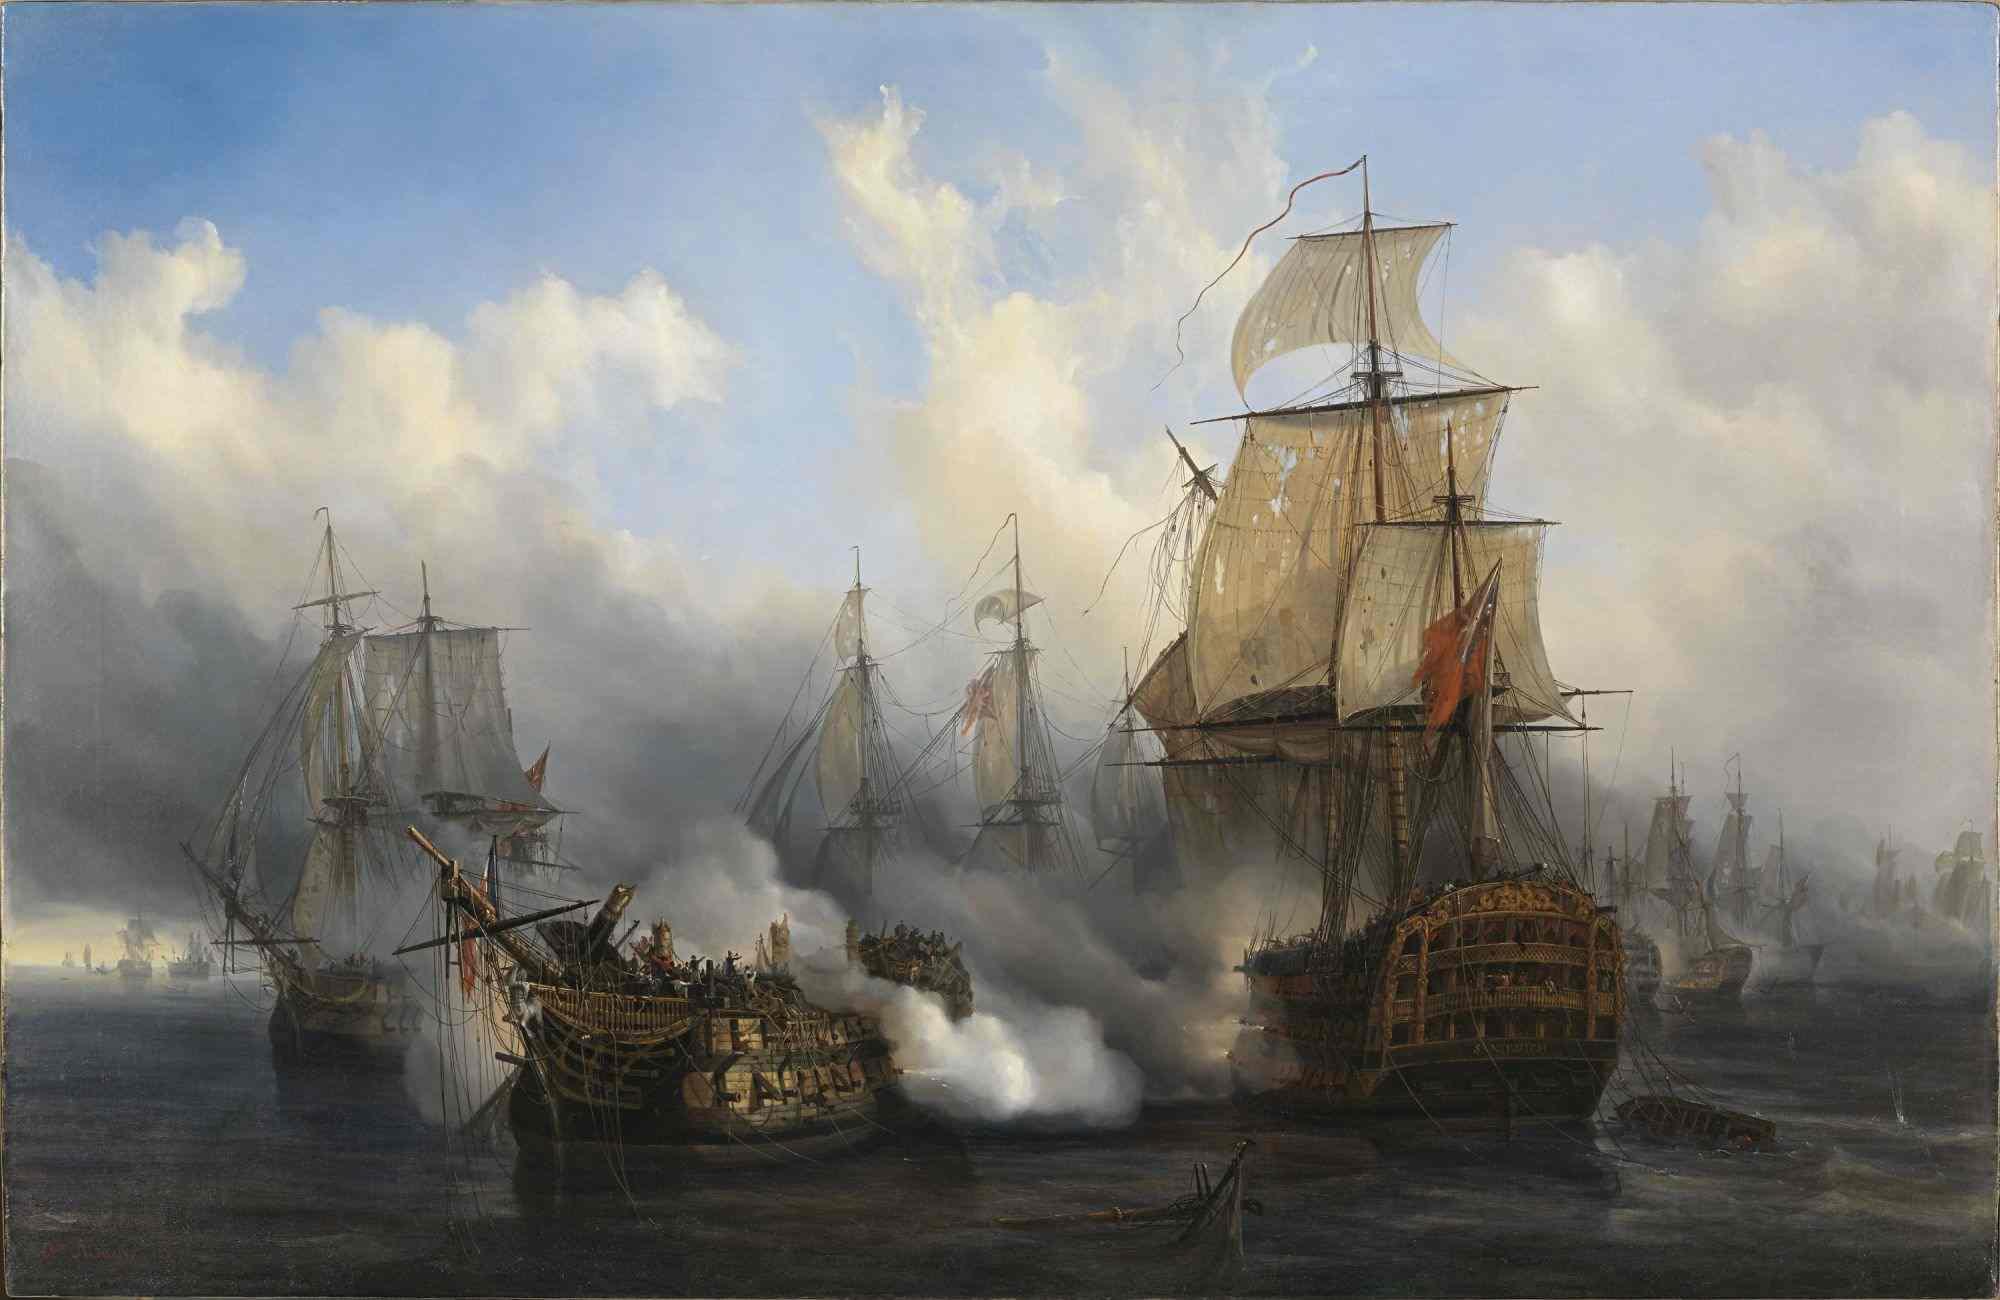 Depiction of Batalla de Trafalgar